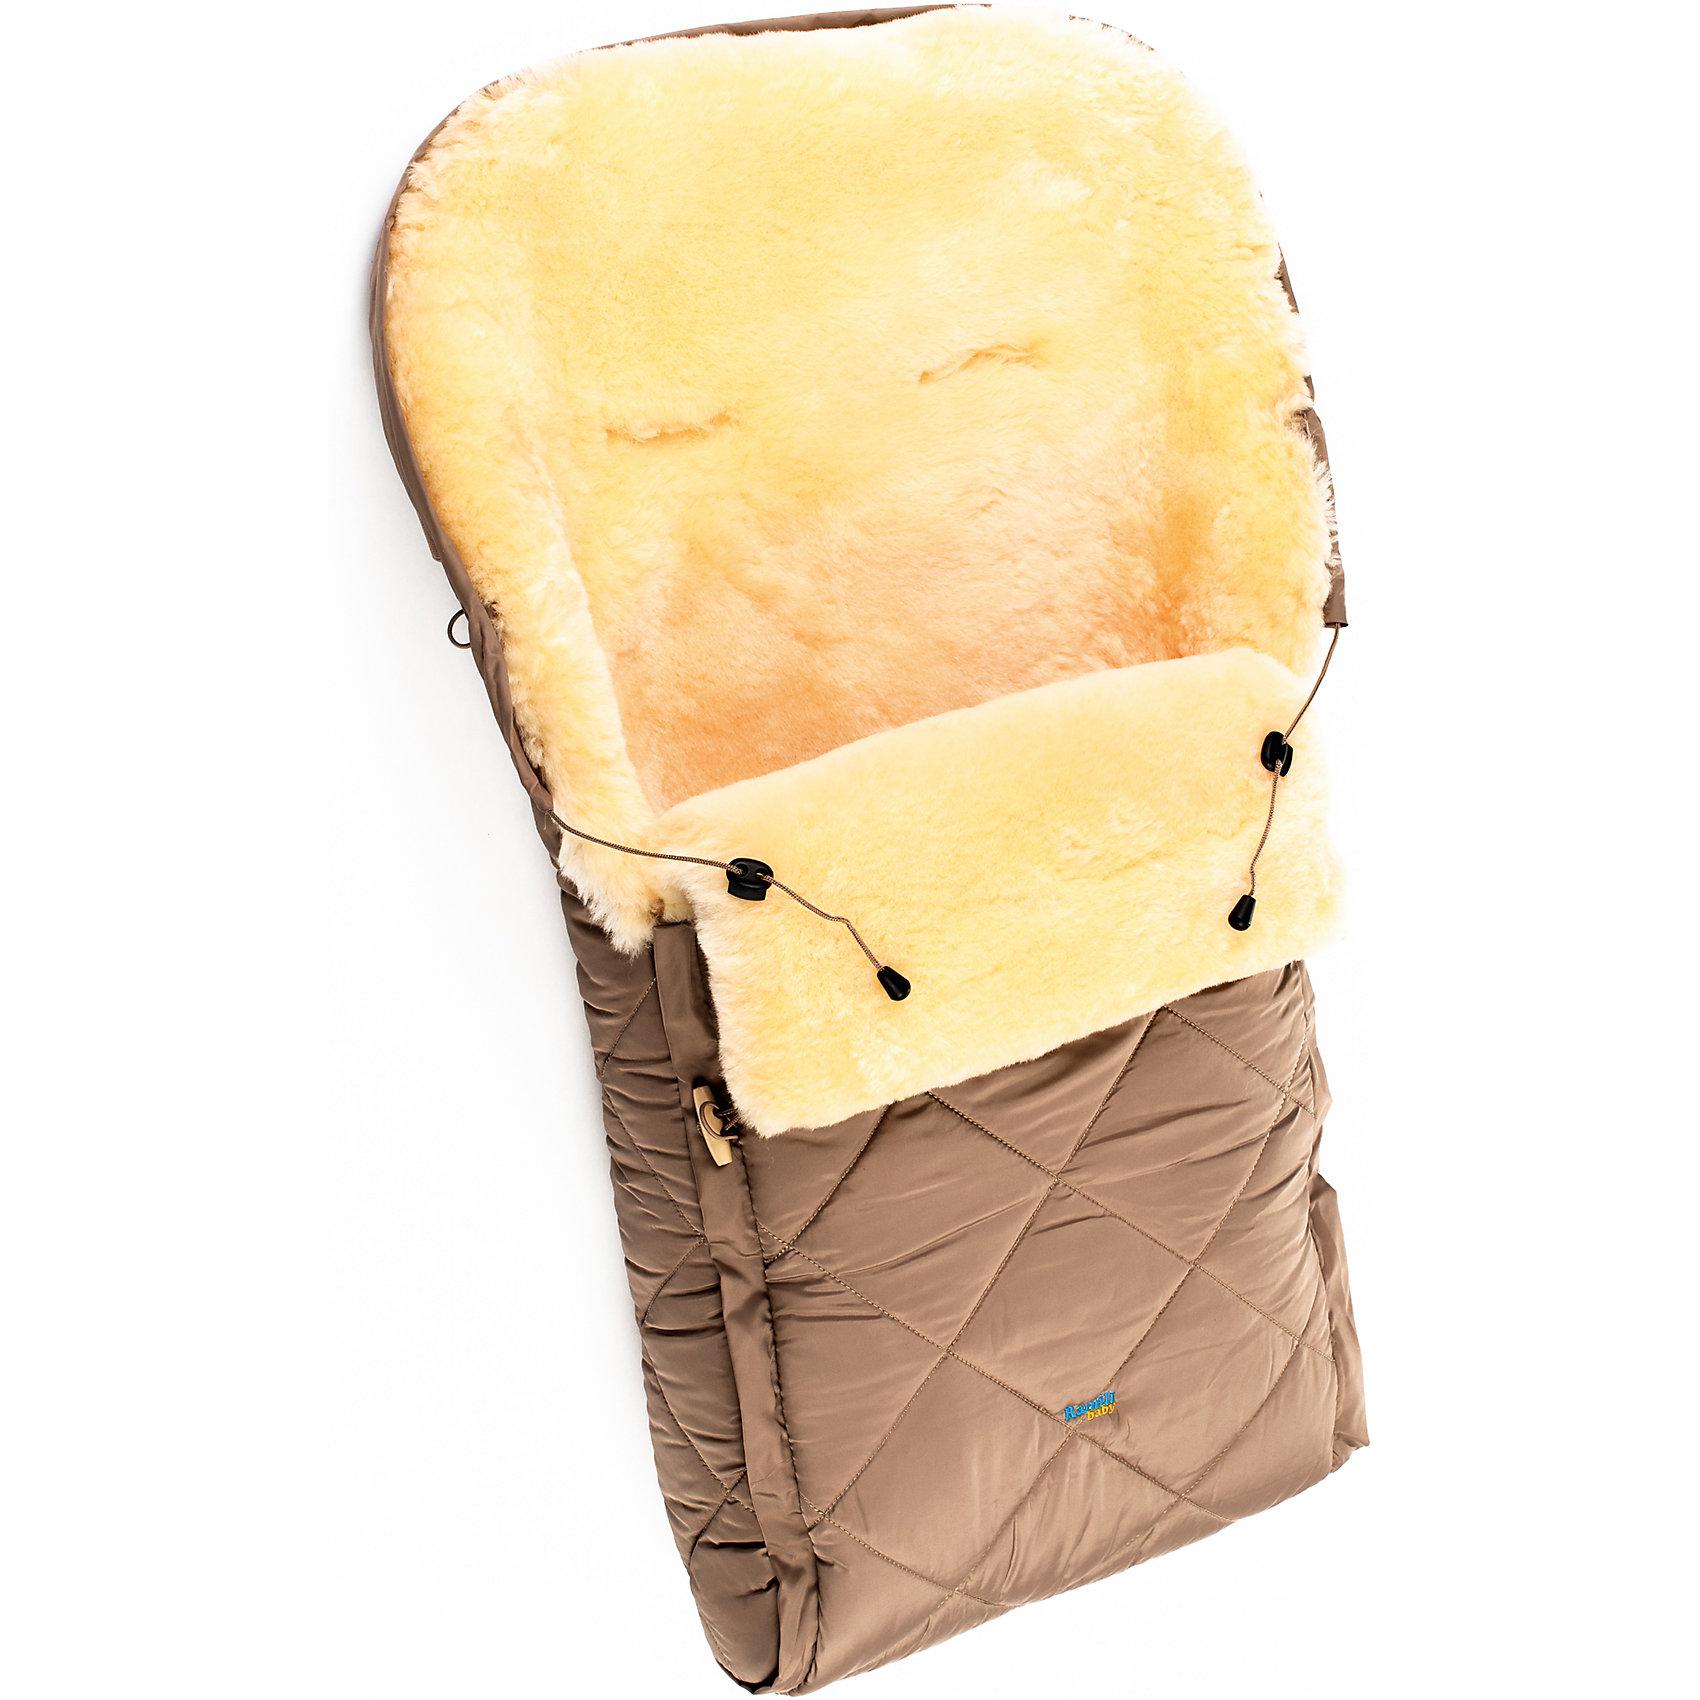 Конверт в коляску натур овчина, Ramili, бежевыйЗимние конверты<br>Конверт в коляску натур овчина, Ramili, красный изготовлен по британской технологии с соблюдением всех норм и требований к безопасности для изделий, предназначенных для новорожденных. Верх конверта выполнен из плащевой ткани, которая обеспечивает защиту от ветра и влаги, при этом обладает высокими износоустойчивыми свойствами; внутренняя часть – из натуральной овчины, выделанной по специализированной технологии обработки, при которой не используются красители и химические вещества. При этом при обработке сохраняются свойства натуральной овчины и завиток, который обеспечивает повышенные теплоизоляционные свойства. Изделие обладает высокими гипоаллергенными свойствами. Конверт удобен в использовании: сбоку имеется молния,егивании которой, конверт делится на две части, это позволяет его использовать и как коврик в санки или на пол для игр ребенка; Сверху предусмотрена стяжка, благодаря которой верхняя часть стягивается в капюшон. Конверт выполнен в ярком цвете, что позволит его использовать для выписки в зимнее время.<br>Конверт в коляску натур овчина, Ramili, красный – это качественные, комфортные и многофункциональные изделия для самых маленьких!<br><br>Характеристики:<br>Сезон: зима<br>Cостав: верх конверта – полиэстер, меховой подклад – овчина, 100%<br>Размеры конверта (Д*Ш): 95*45 см<br>Верх стягивается в капюшон<br>Наличие застежки-молнии<br>Предусмотрены прорези для ремней безопасности<br>Трансформируется в коврик<br>Уход: машинная стирка при температуре не более 40 градусов<br><br>Конверт в коляску натур овчина, Ramili, красный можно купить в нашем интернет-магазине.<br><br>Ширина мм: 900<br>Глубина мм: 600<br>Высота мм: 200<br>Вес г: 1000<br>Цвет: бежевый<br>Возраст от месяцев: 0<br>Возраст до месяцев: 12<br>Пол: Унисекс<br>Возраст: Детский<br>SKU: 4980604